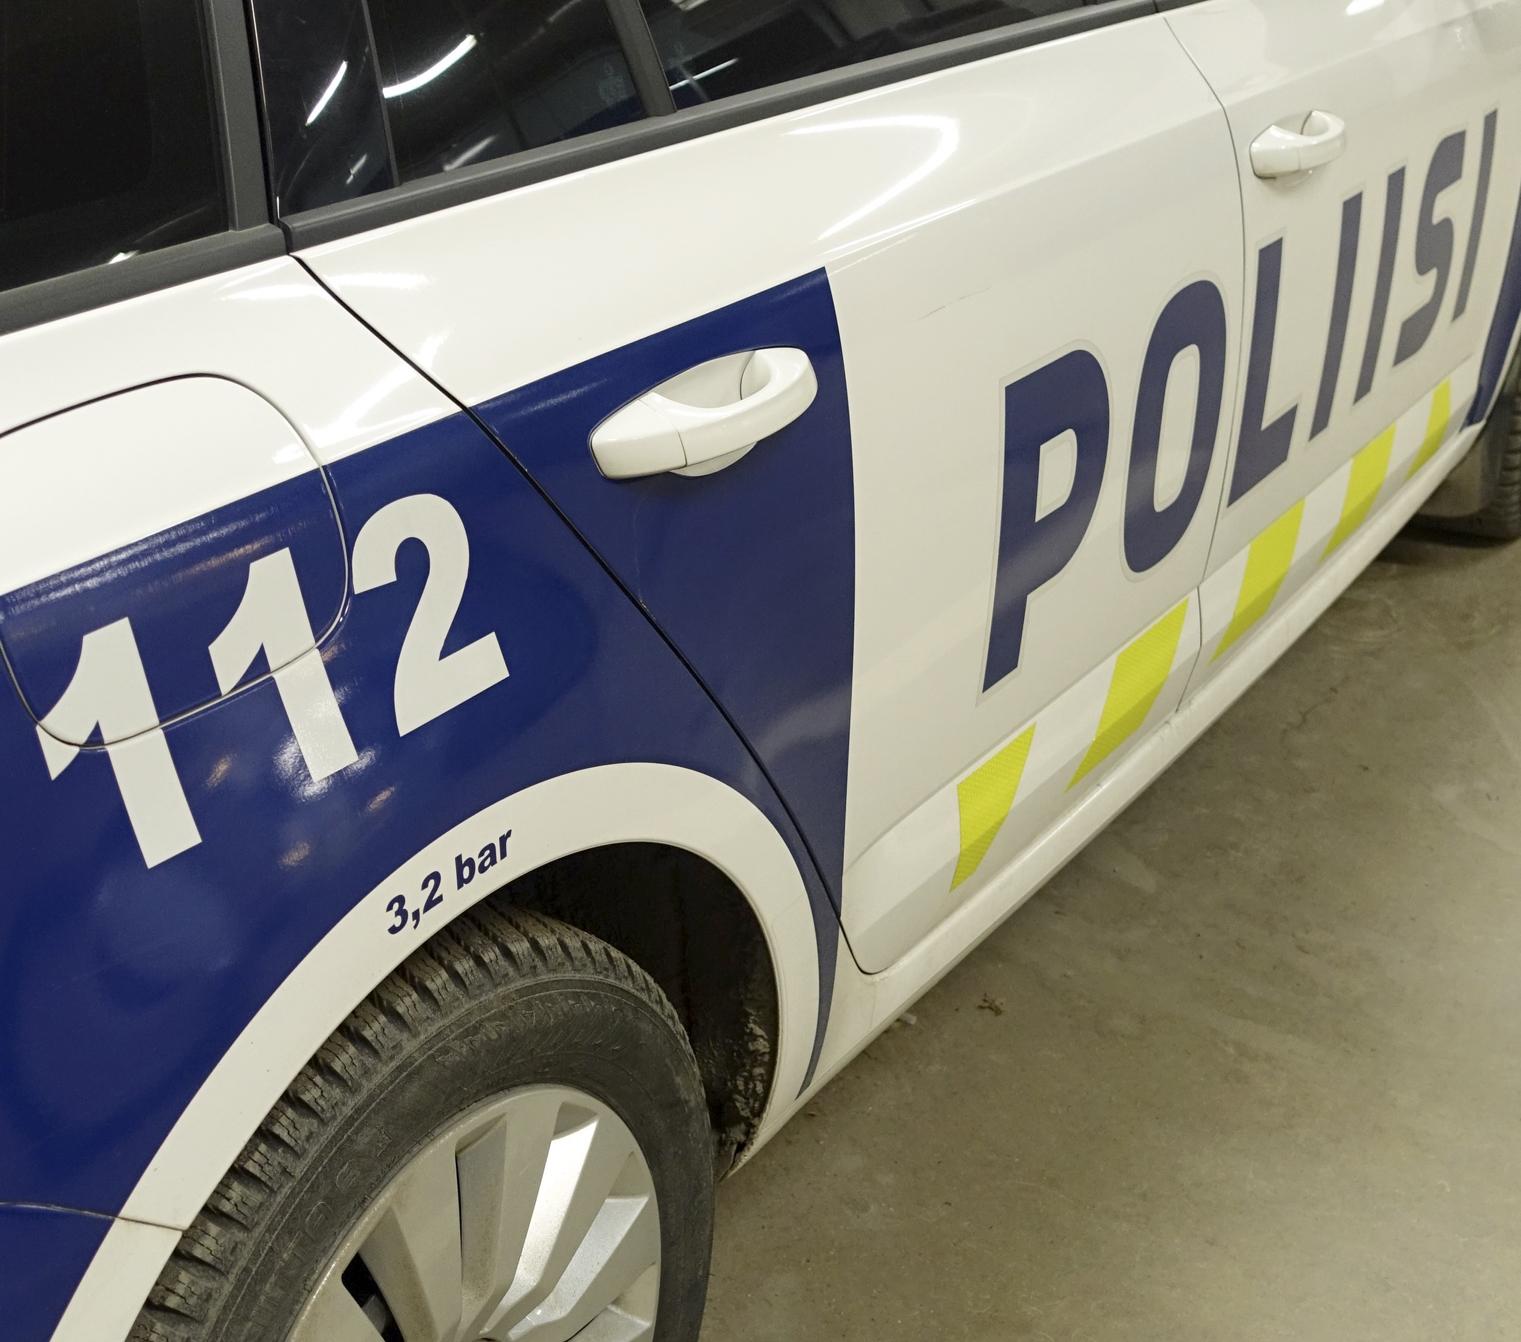 Päihtynyt mopoilija kaatui ja loukkaantui  Poliisi ei...